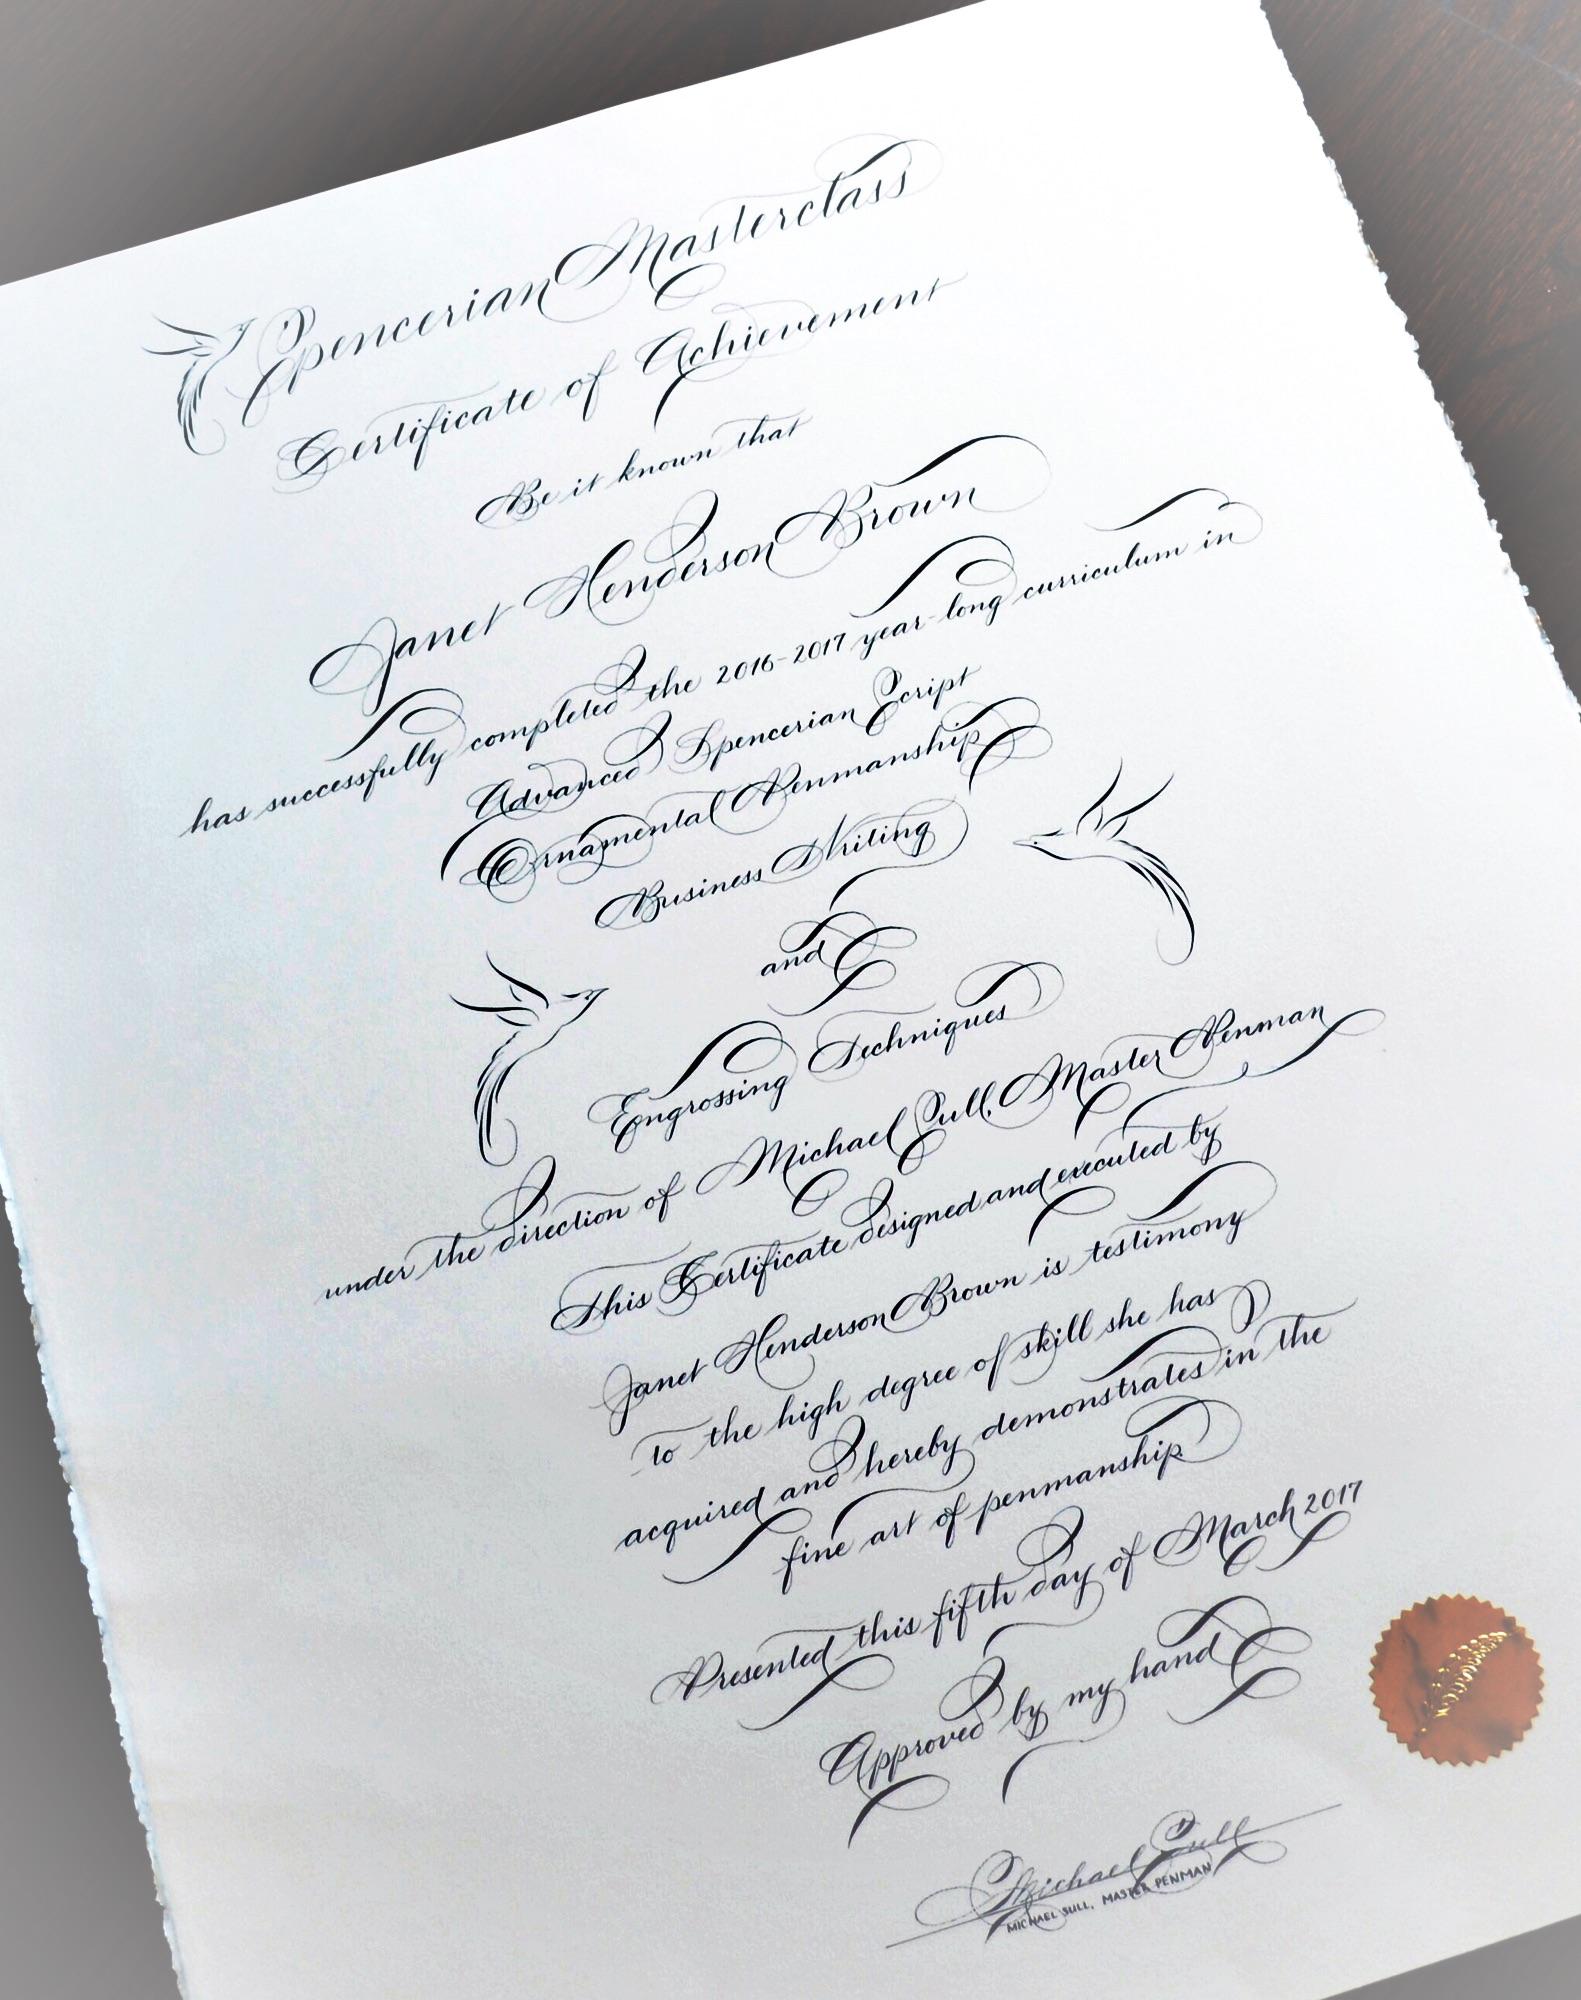 Spencerian Masterclass 2016-2017 Michael Sull Janet Brown Houston Calligrapher Penman.JPG